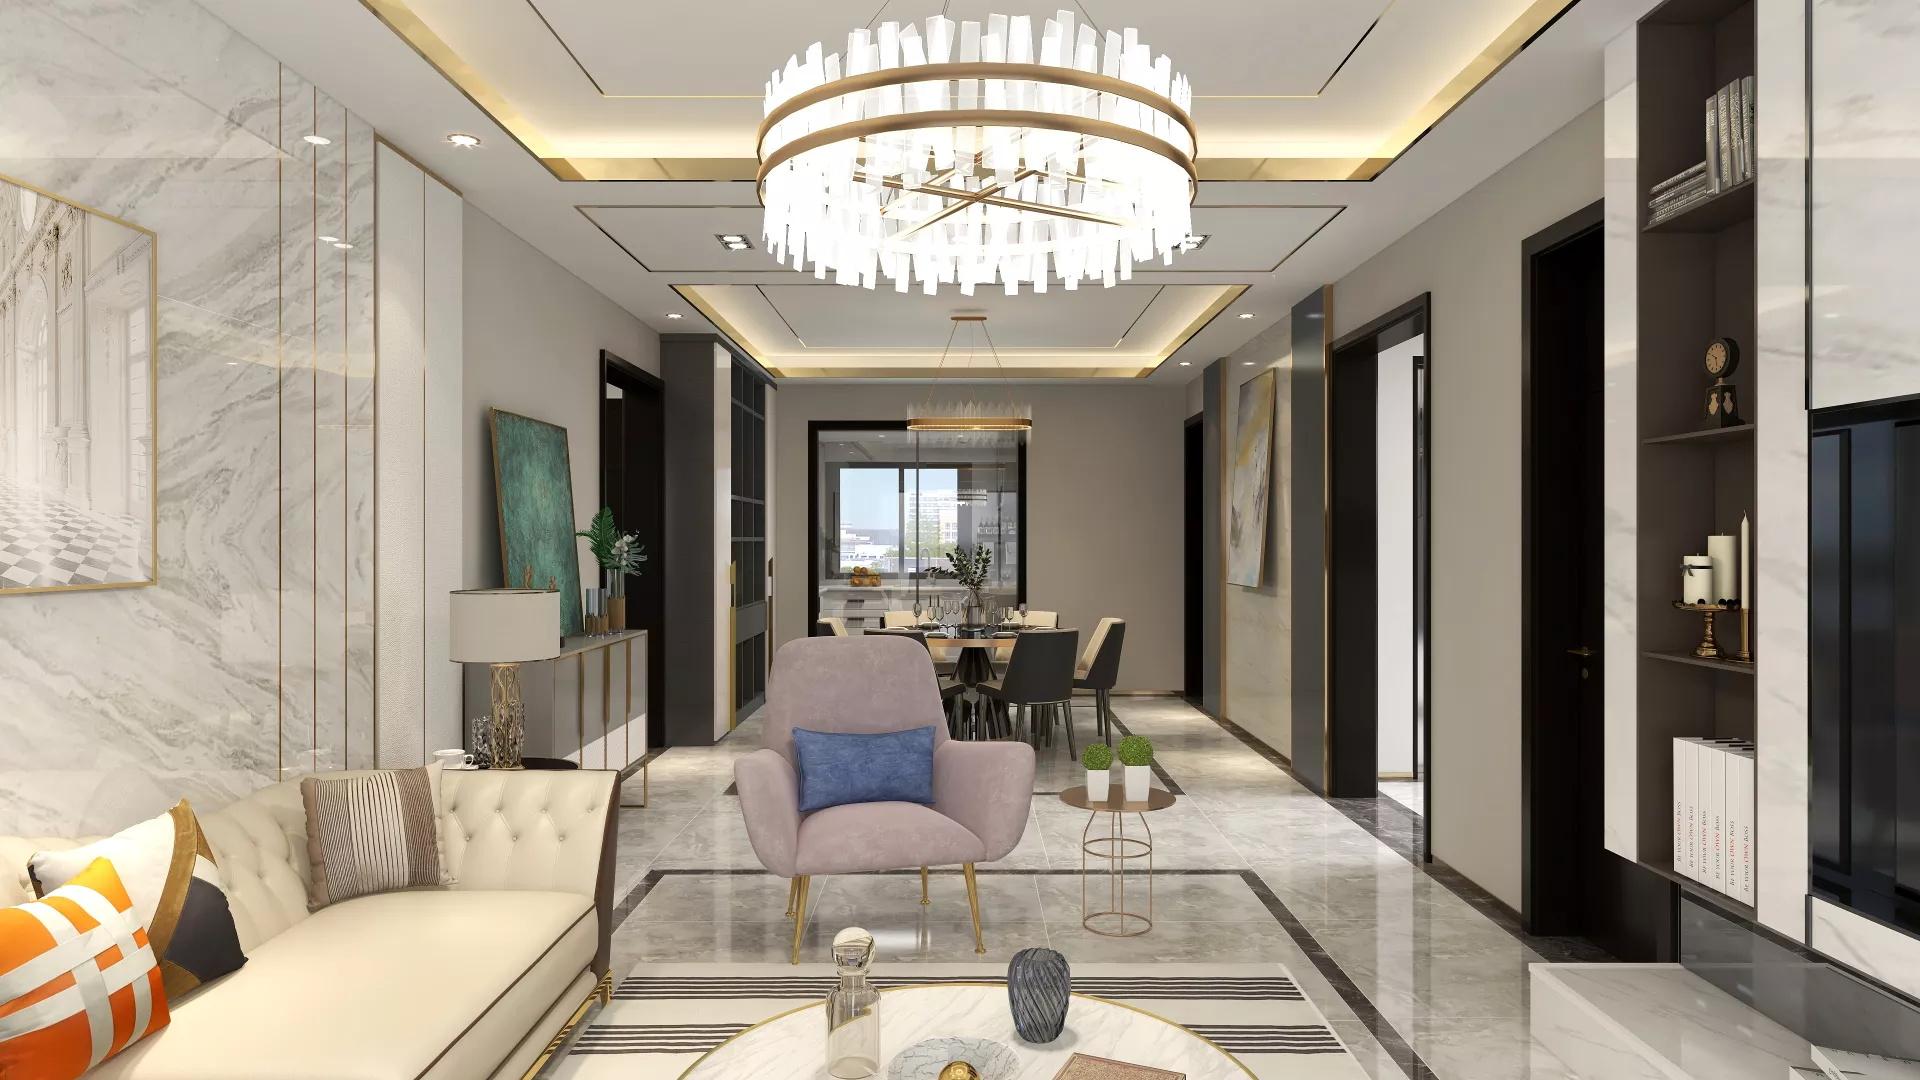 卫生间异型瓷砖要如何选择?卫生间异型瓷砖选购有什么要点?